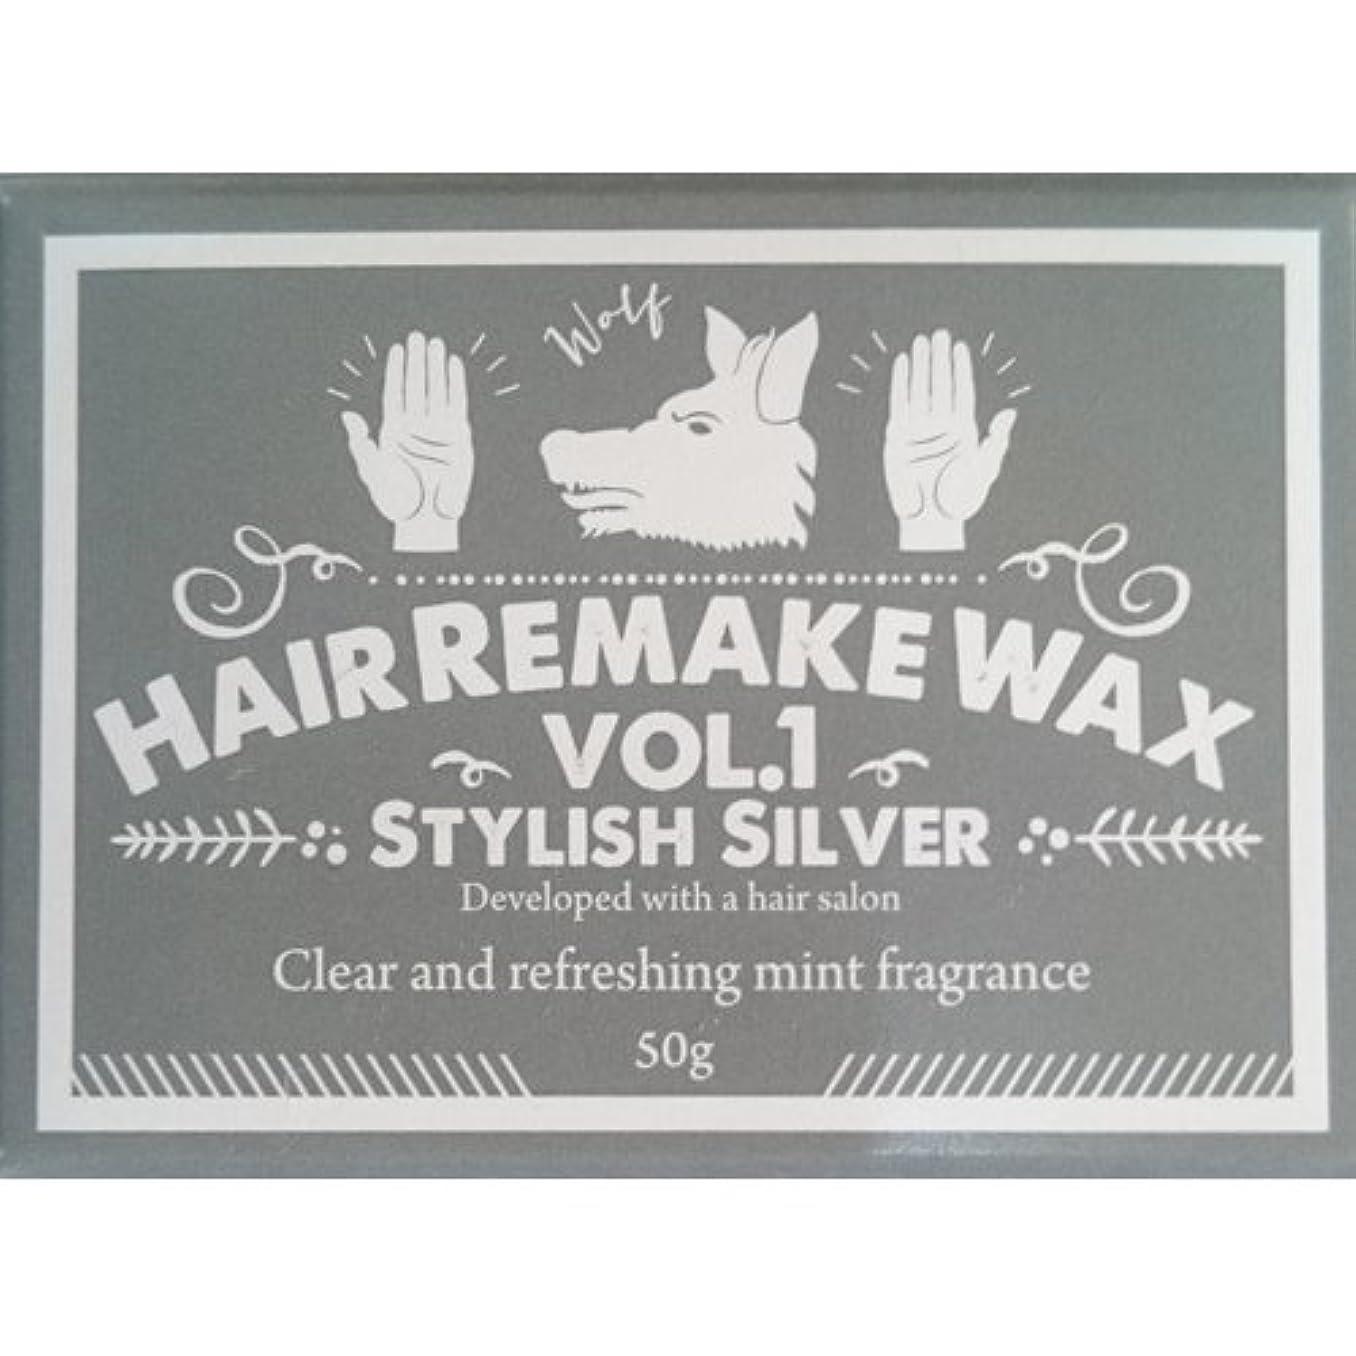 好奇心盛選択する物理学者Hair Remake(ヘアーリメイク)WAX Vol.1 スタイリッシュシルバー 50g